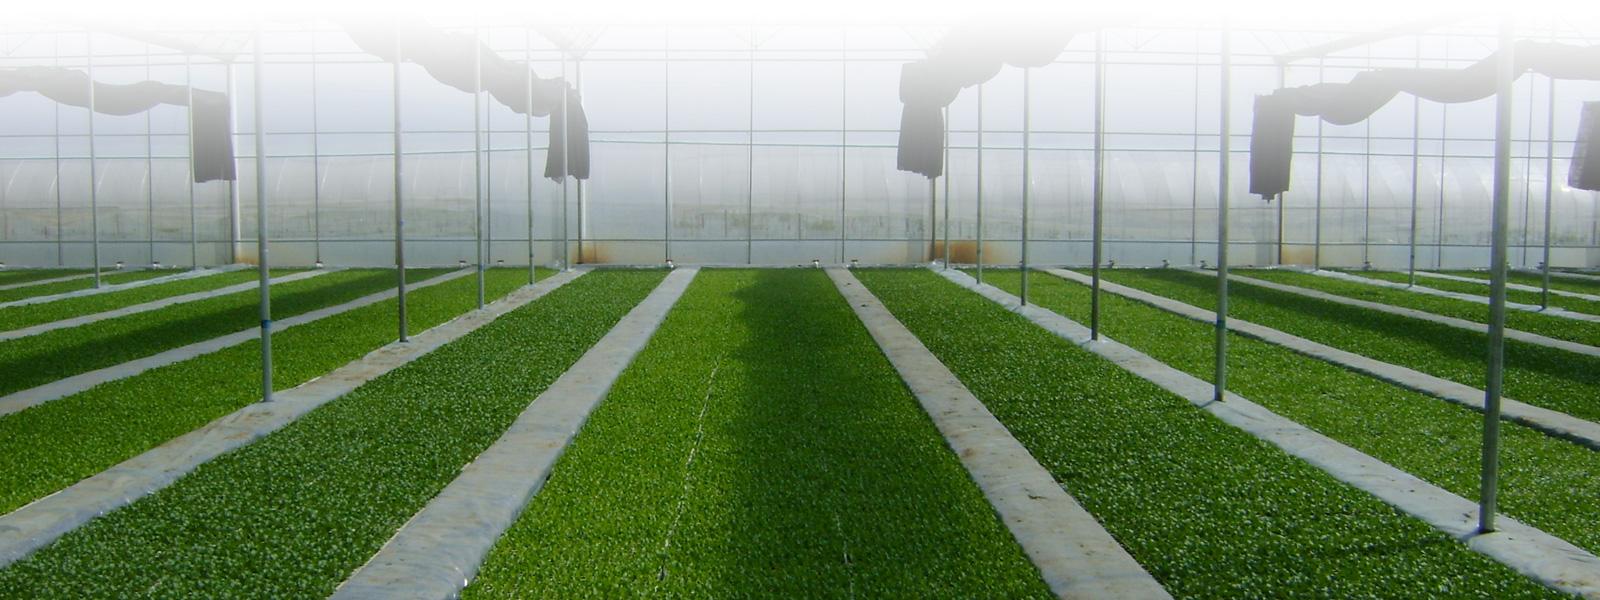 贵州农产品网络推广